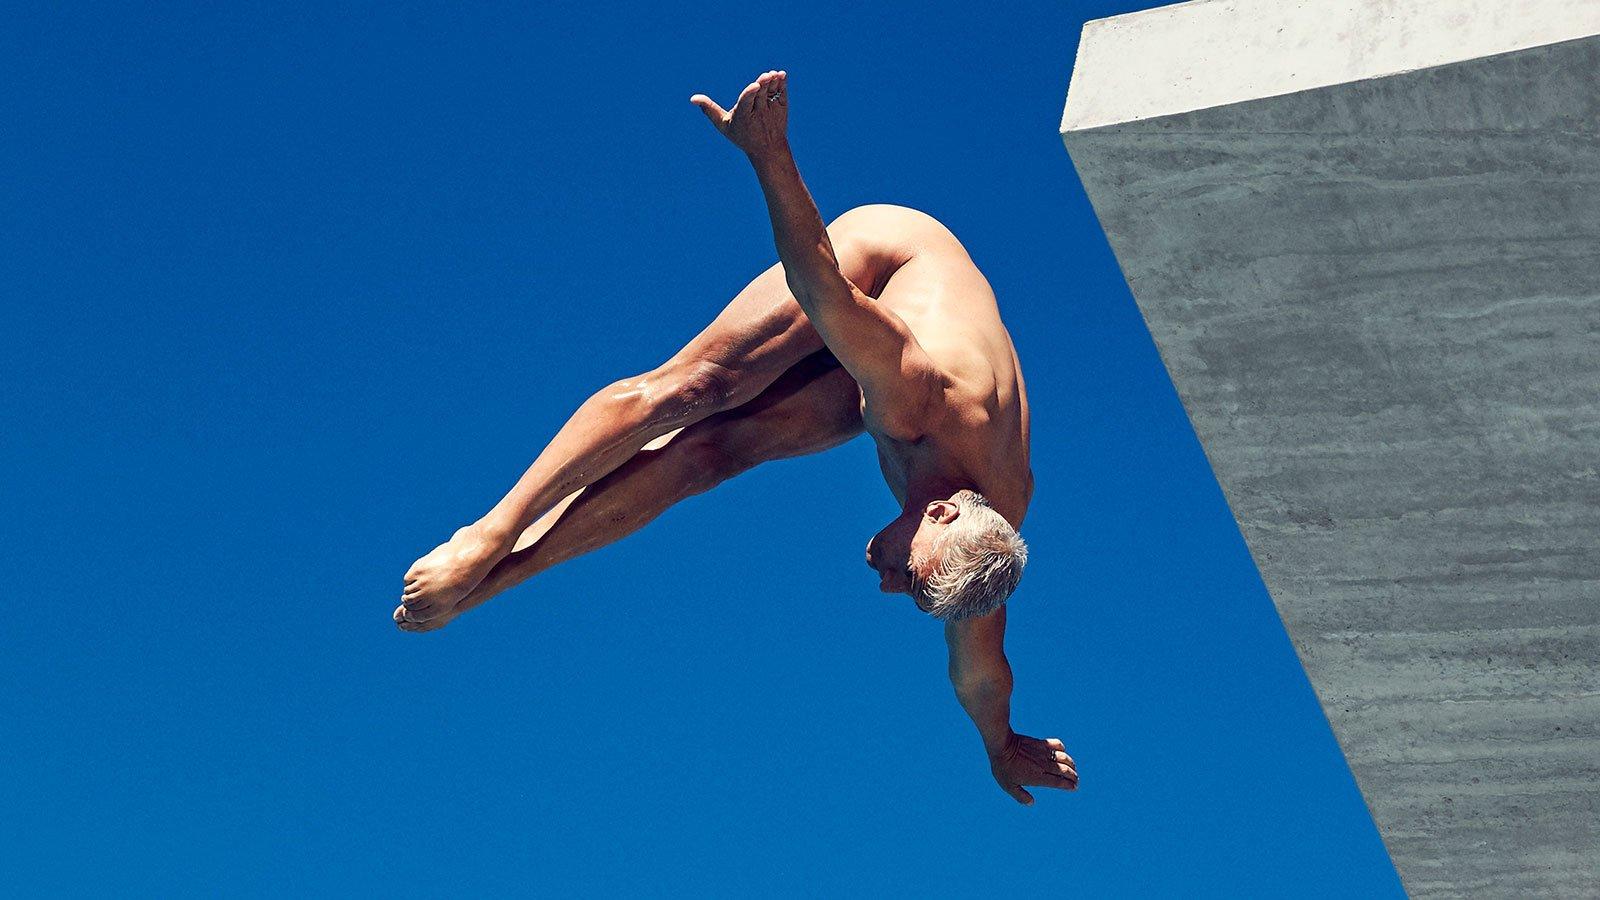 19 sportifs célèbres se mettent à nu pour ESPN Body Issue